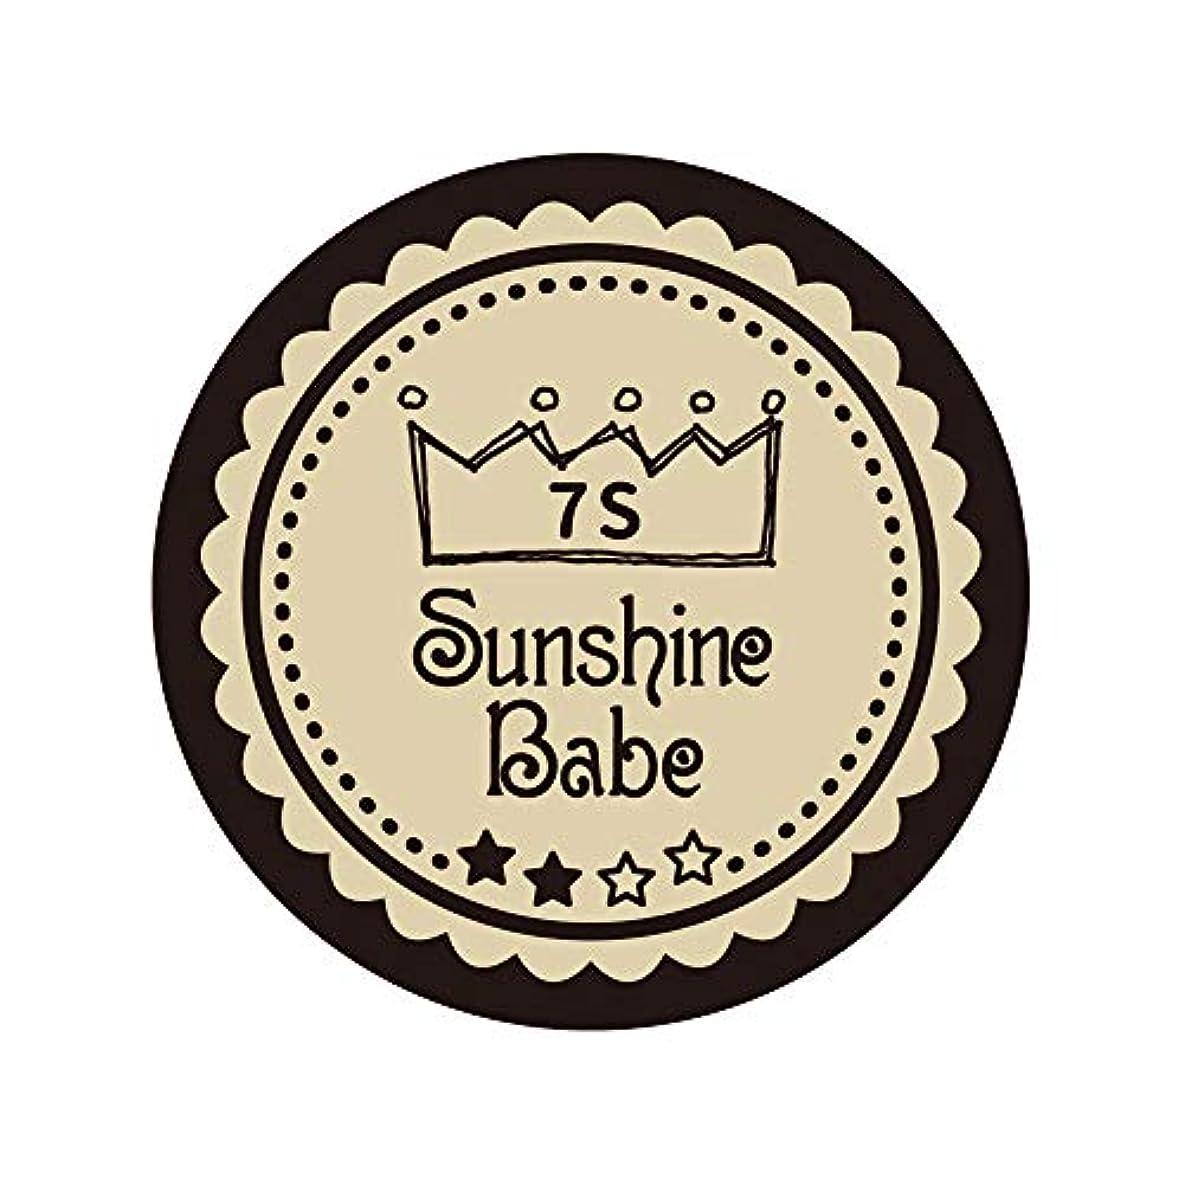 ネコただやる再撮りSunshine Babe カラージェル 7S ウォームサンド 2.7g UV/LED対応